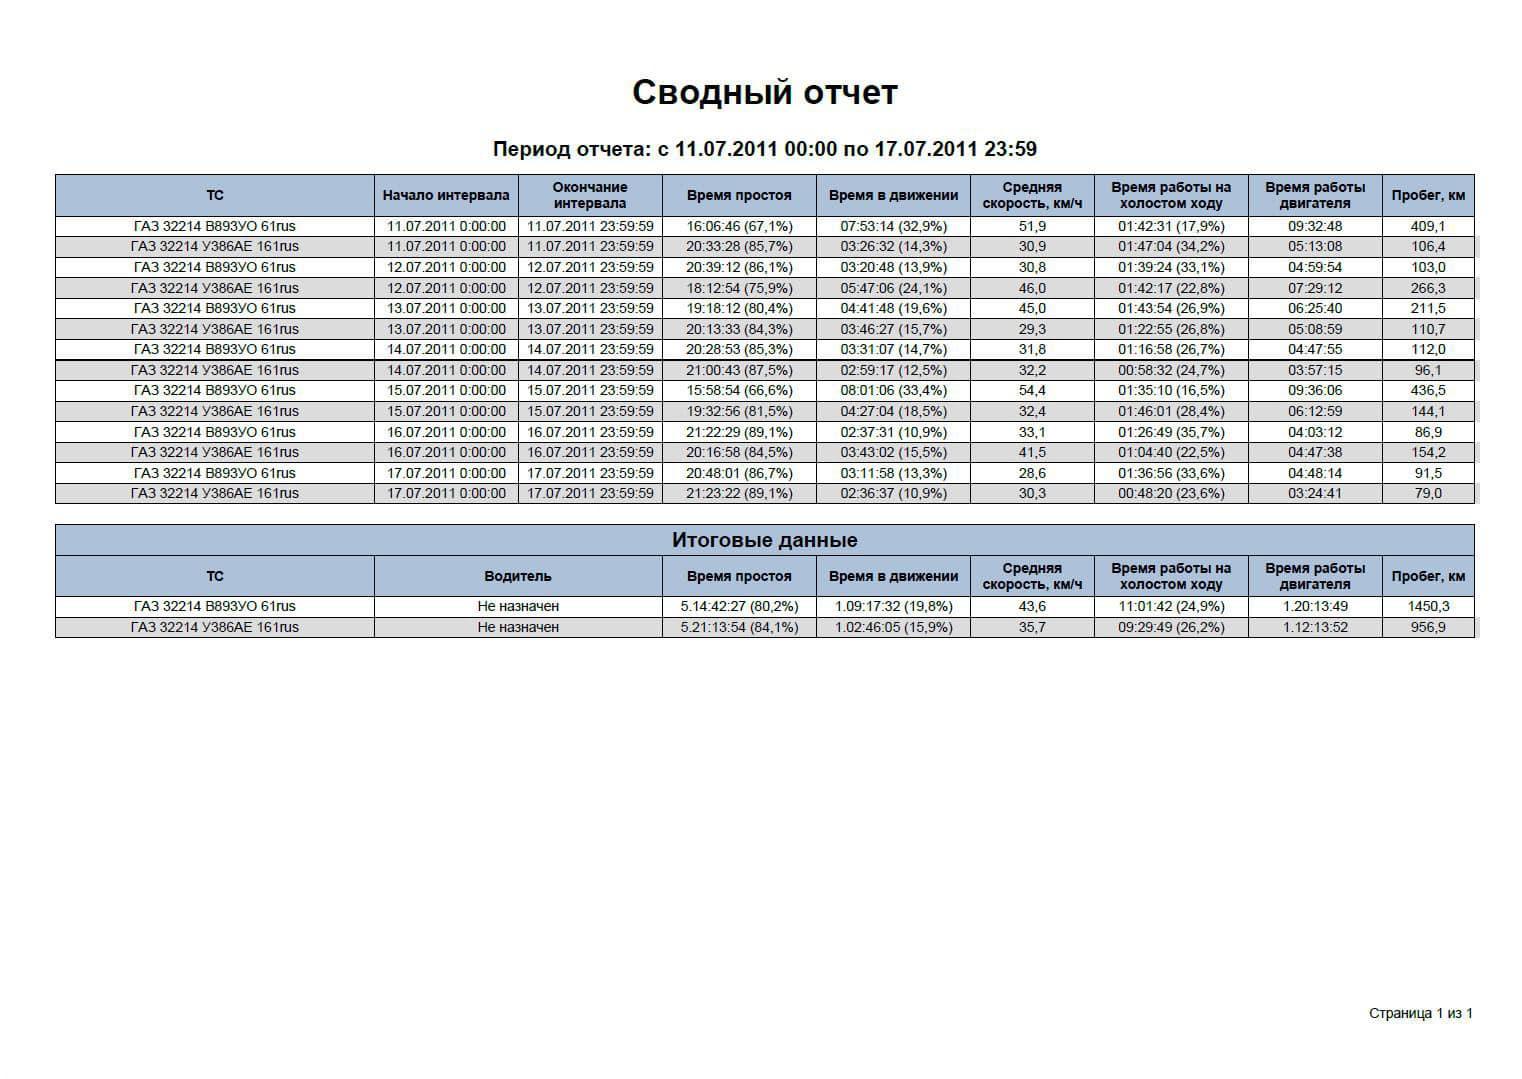 Система мониторинга. Сводный отчет за период